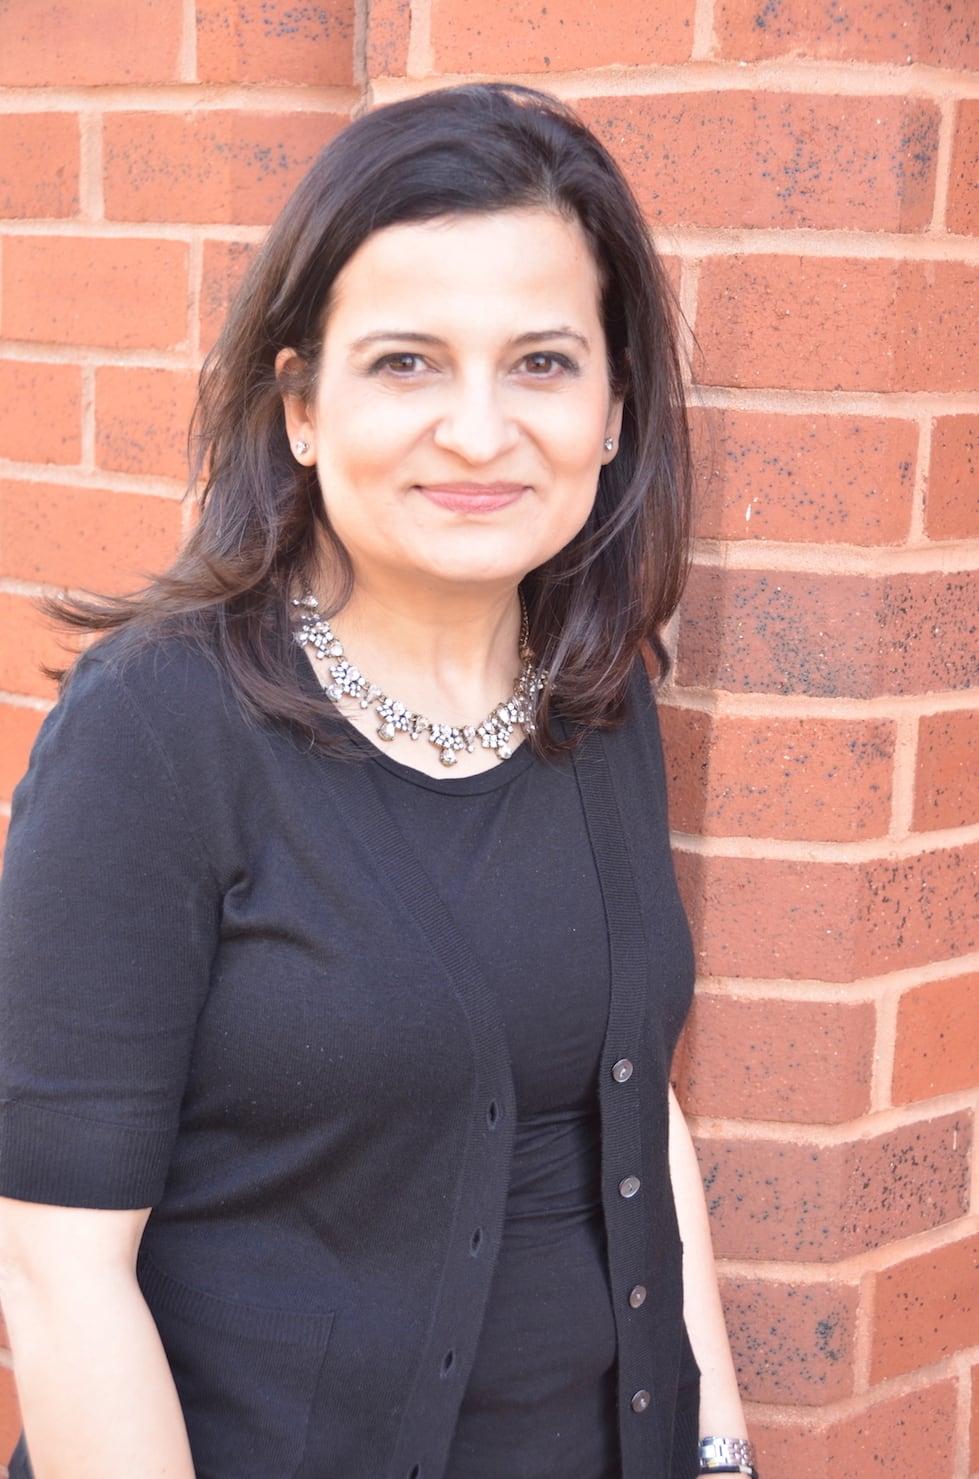 Maha Alkishtaini General Dentistry